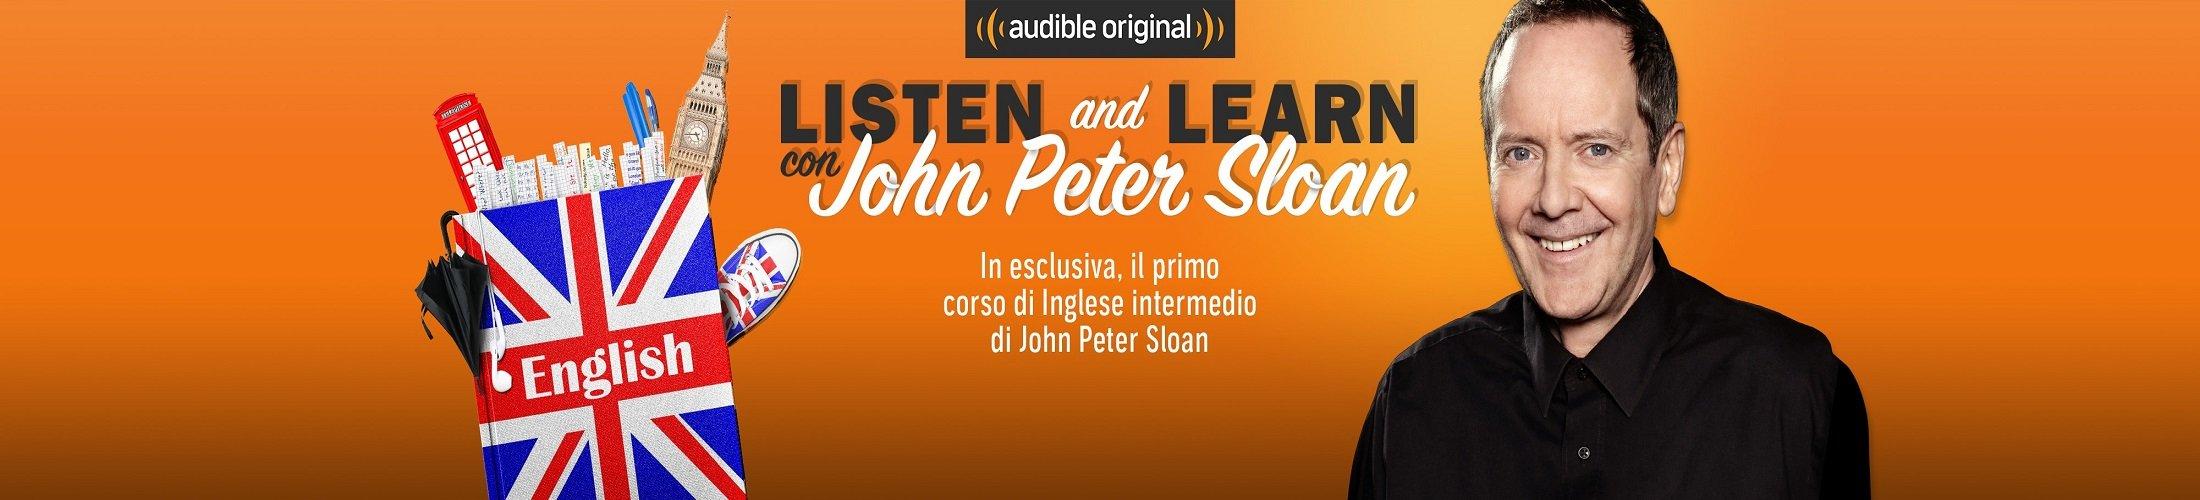 Listen and learn con John Peter Sloan, il primo corso di inglese di livello intermedio in esclusiva su Audible